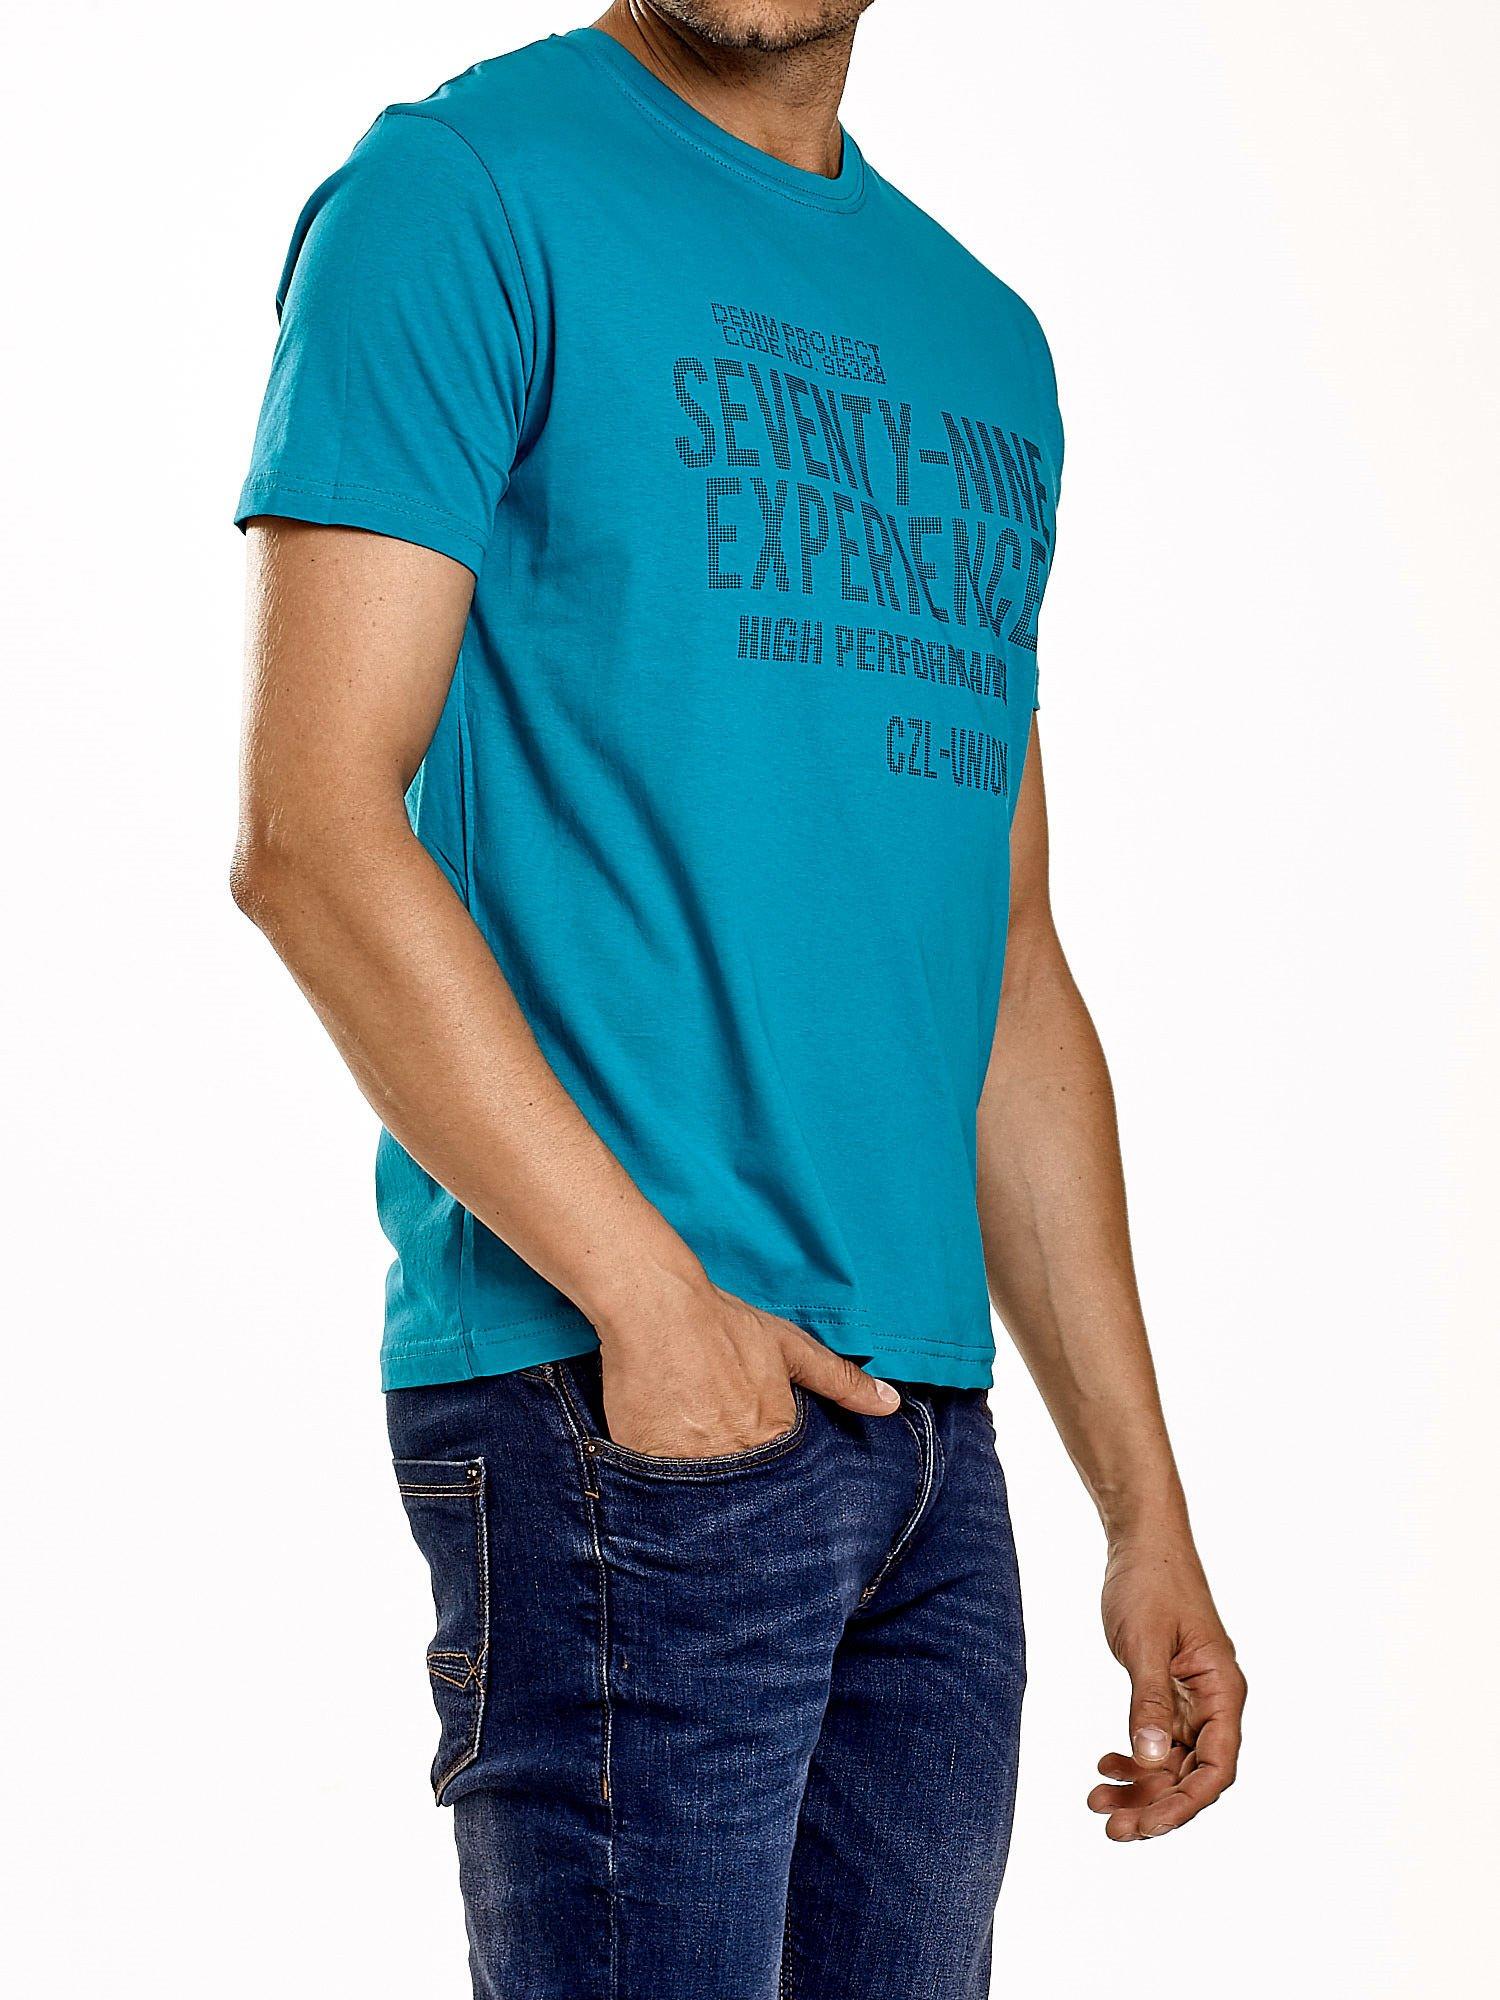 Zielony t-shirt męski z nadrukiem napisów                                  zdj.                                  4